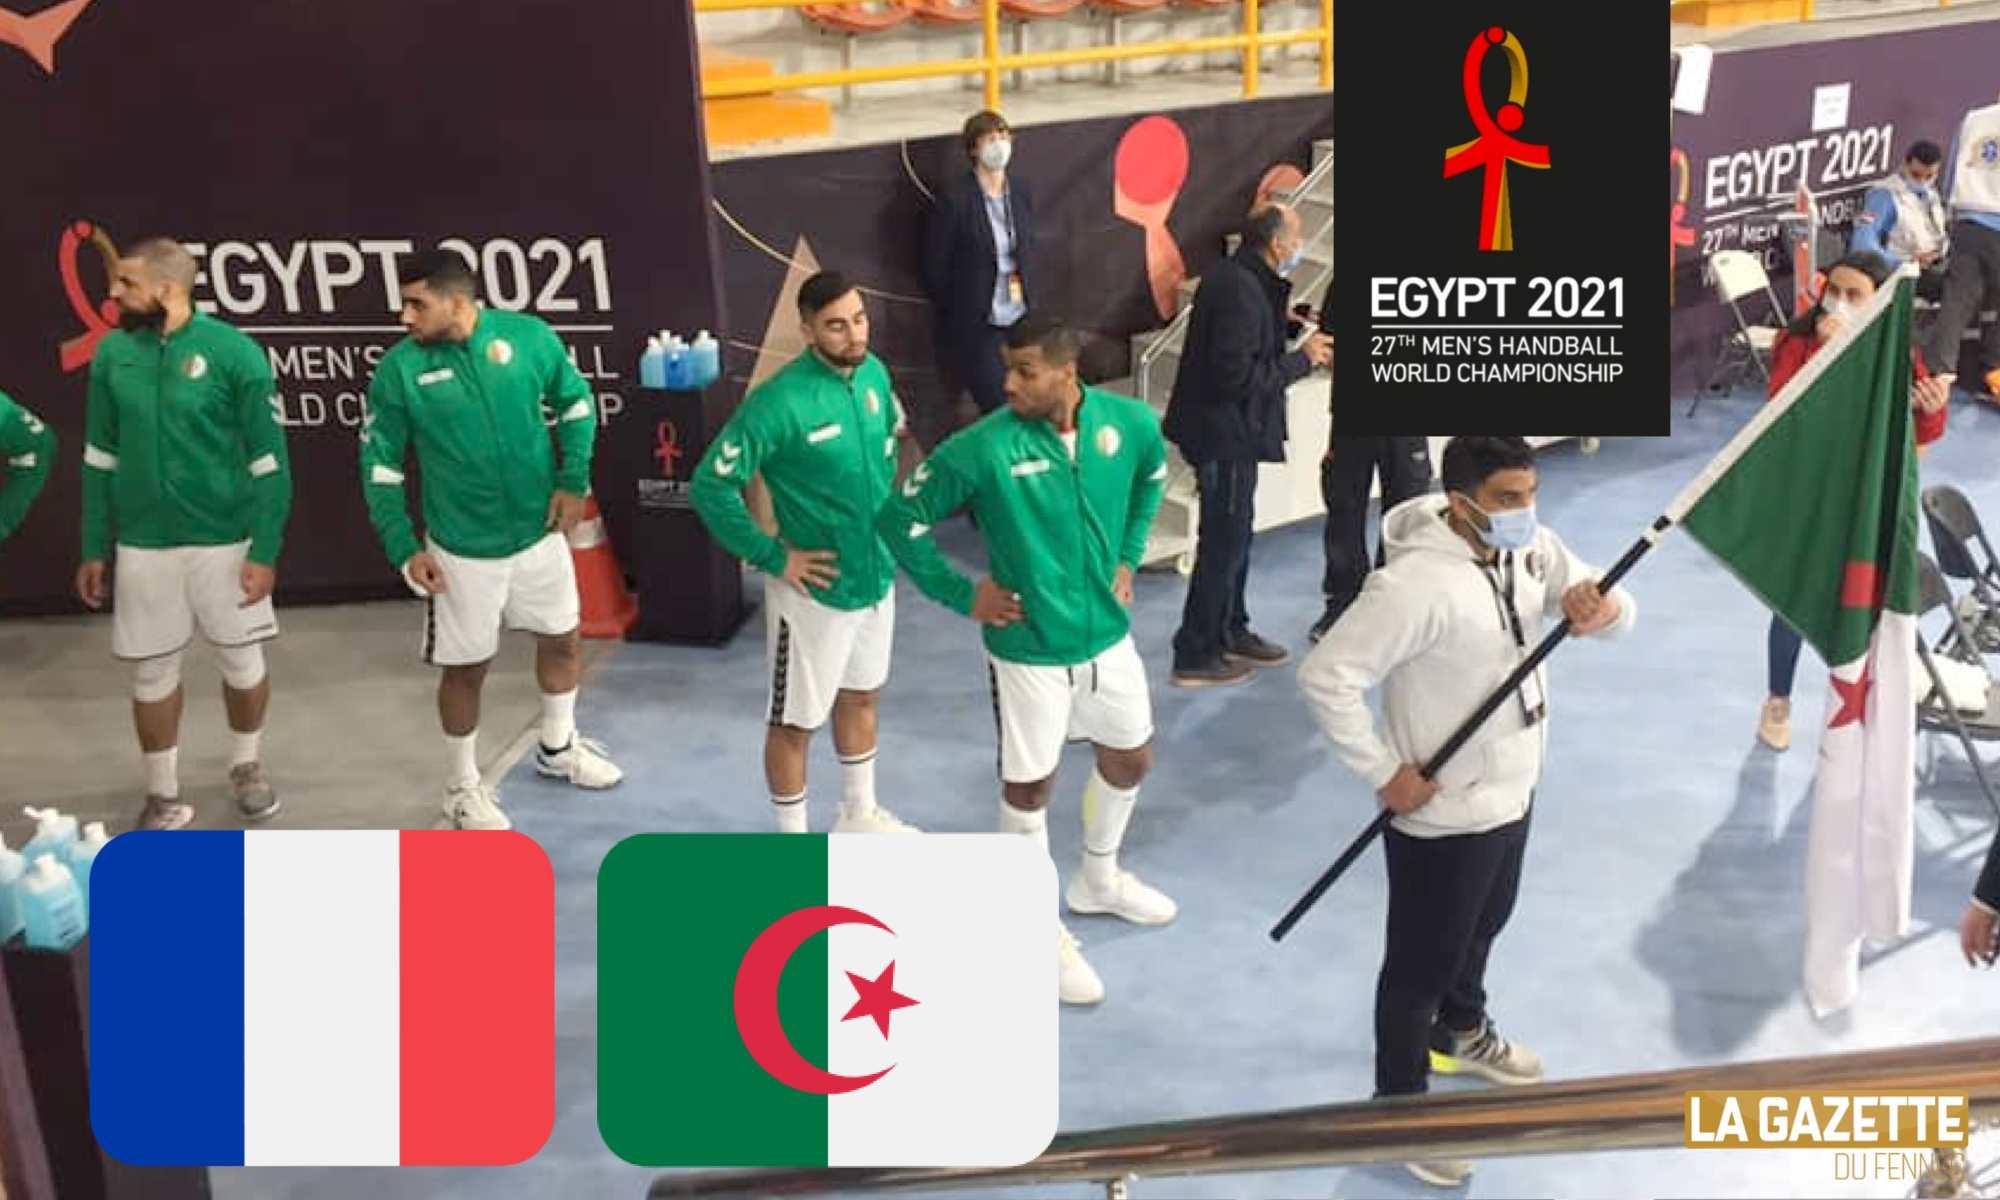 france algerie tour principal egypt 2021